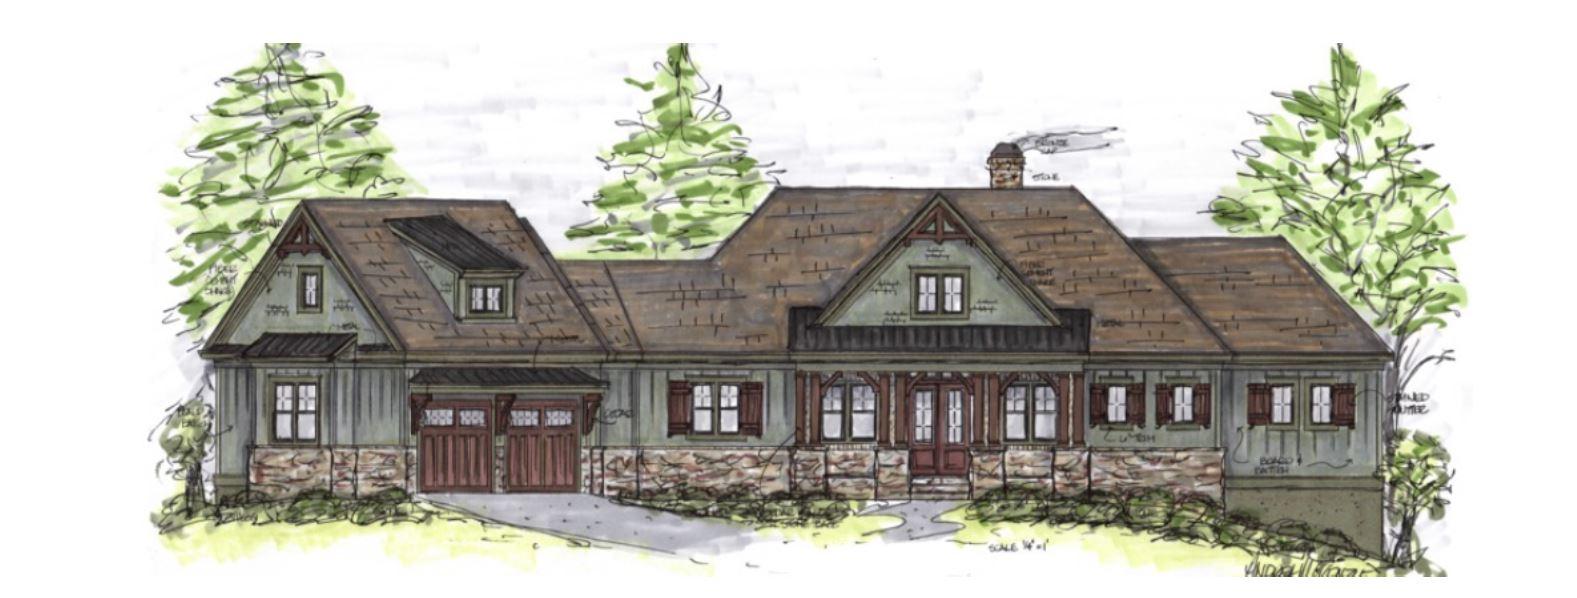 Single Family Homes por un Venta en Stunning Waterfront Home 110 Peninsula Court, Sunset, Carolina del Sur 29685 Estados Unidos